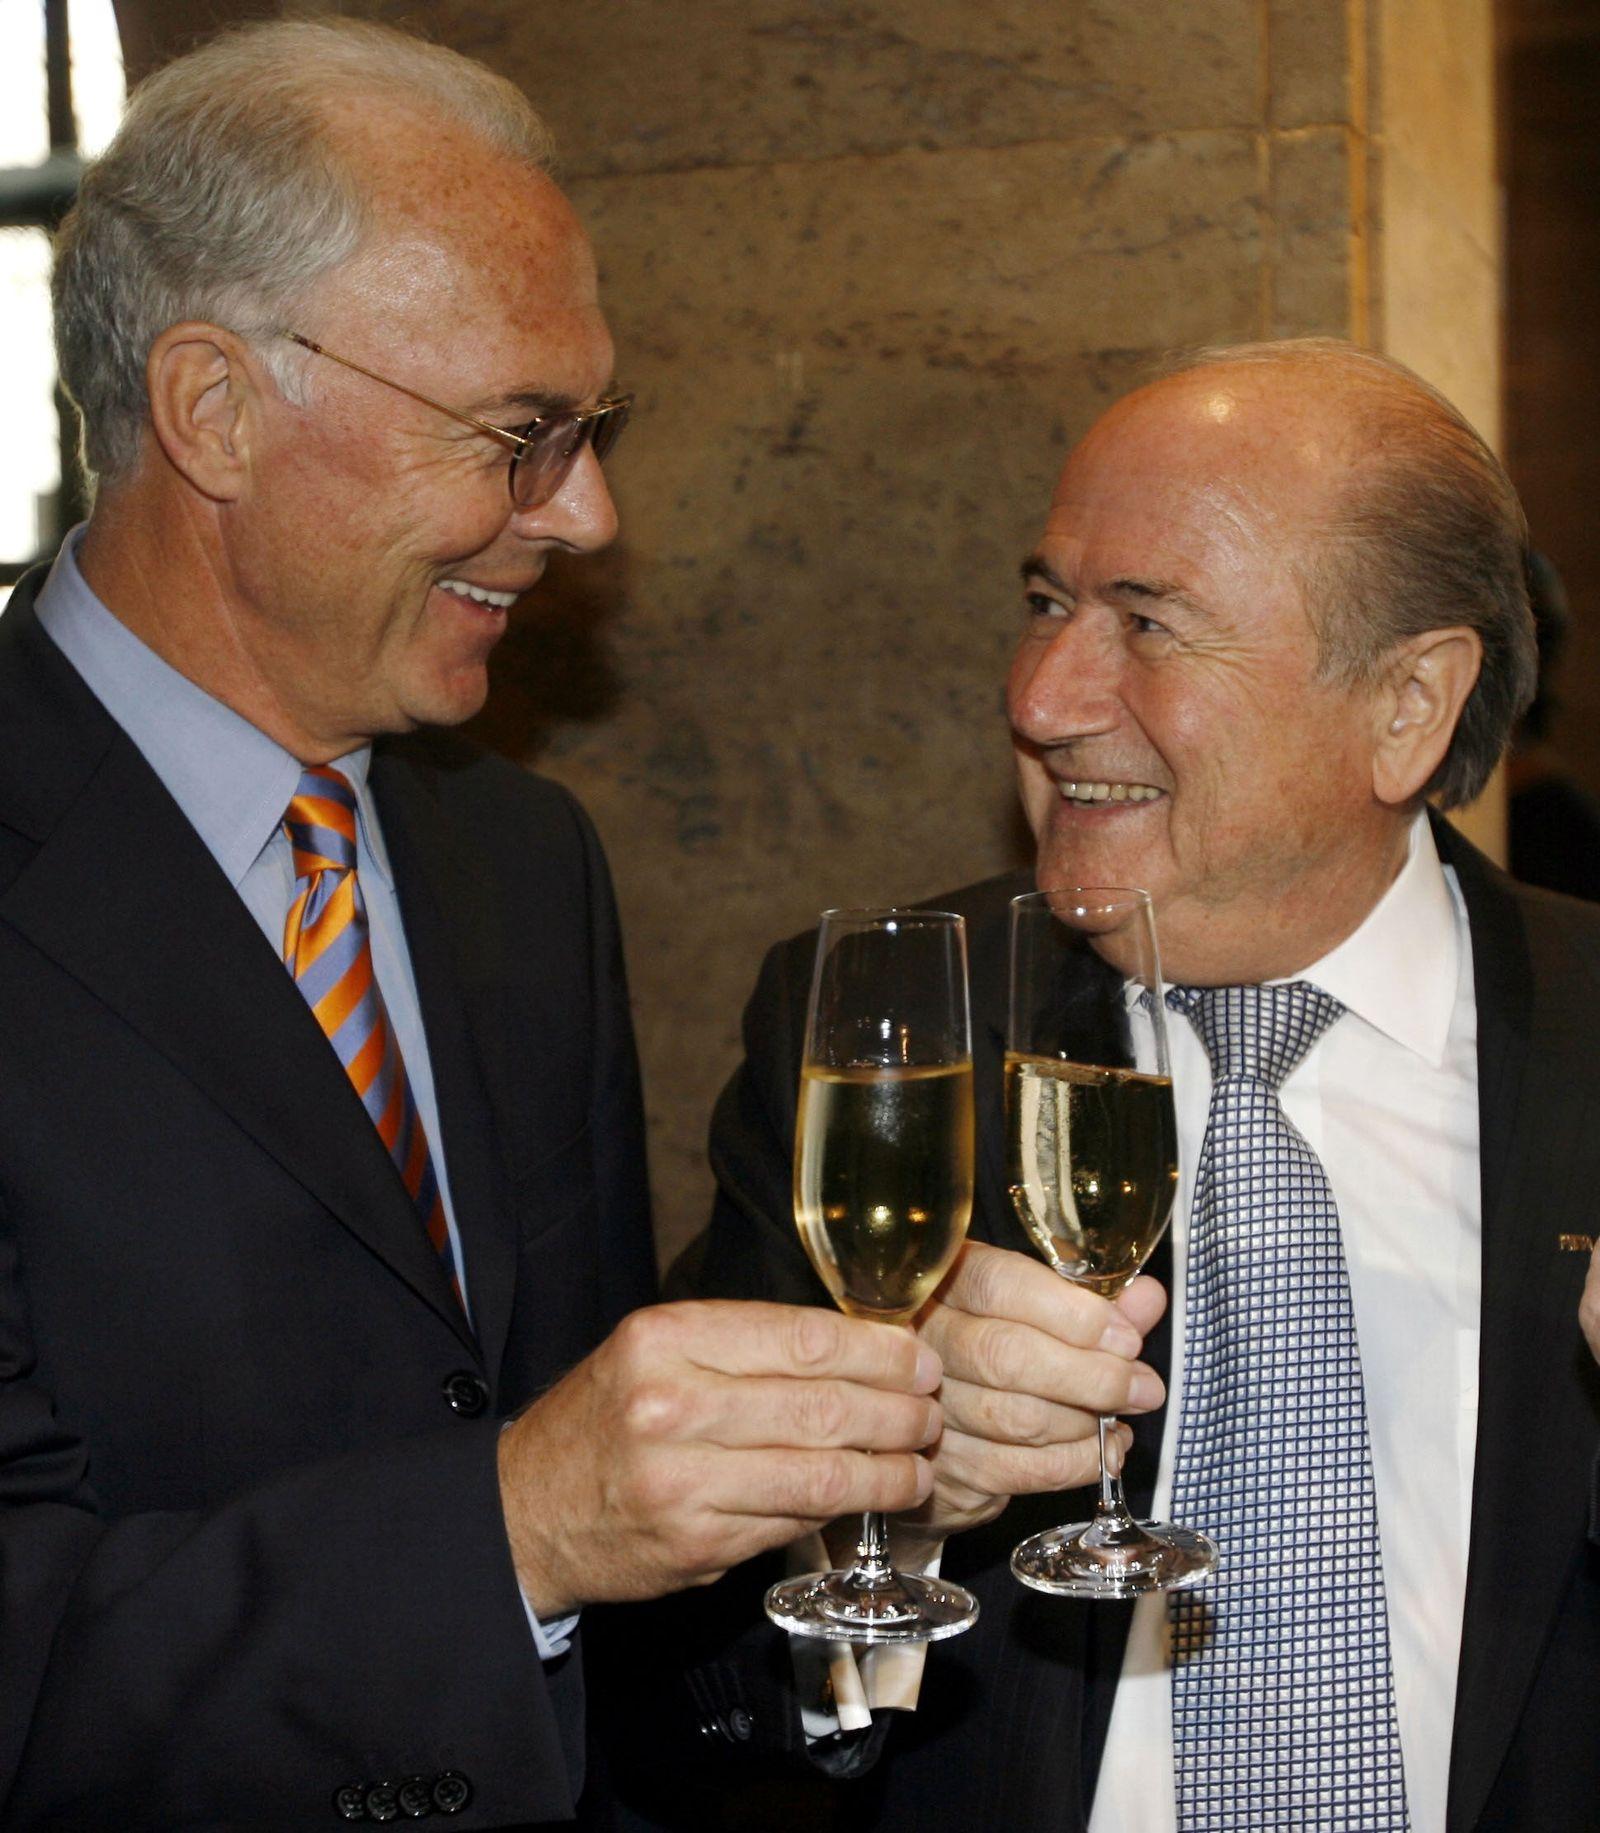 Franz Beckenbauer / Sepp Blatter / WM 2006